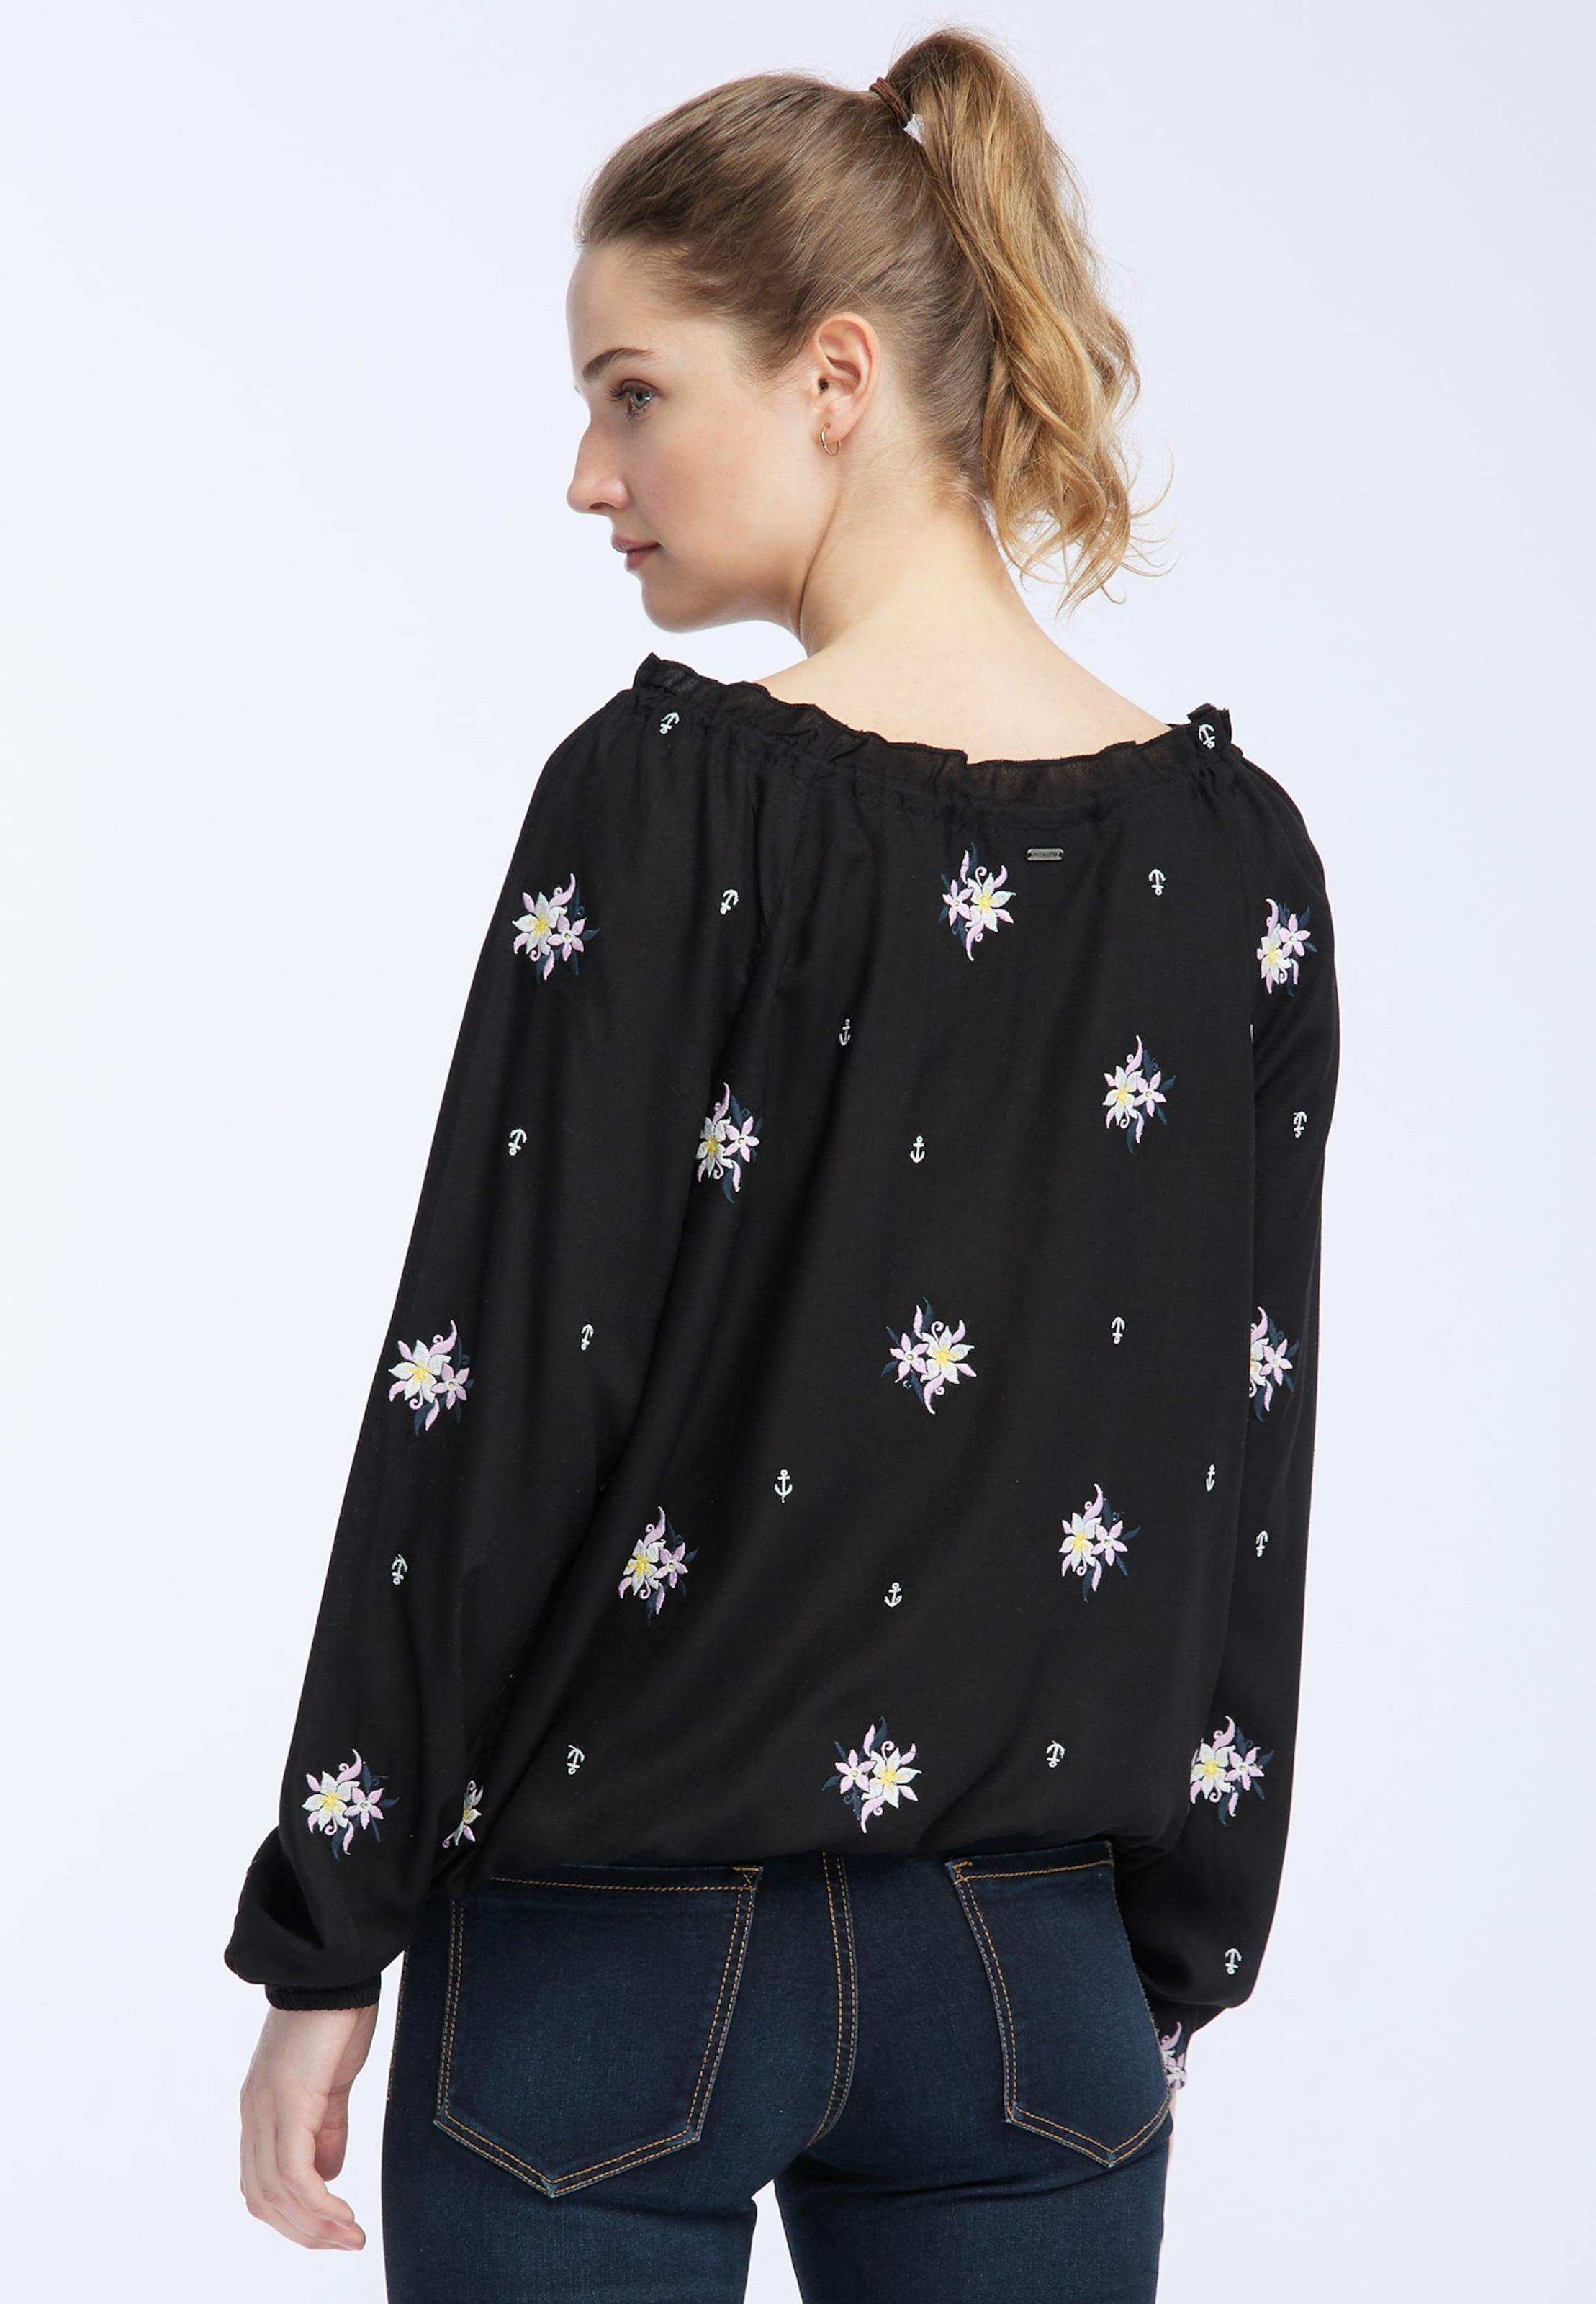 Weiß Dreimaster Blusen shirt In LavendelSchwarz n0PwOkX8